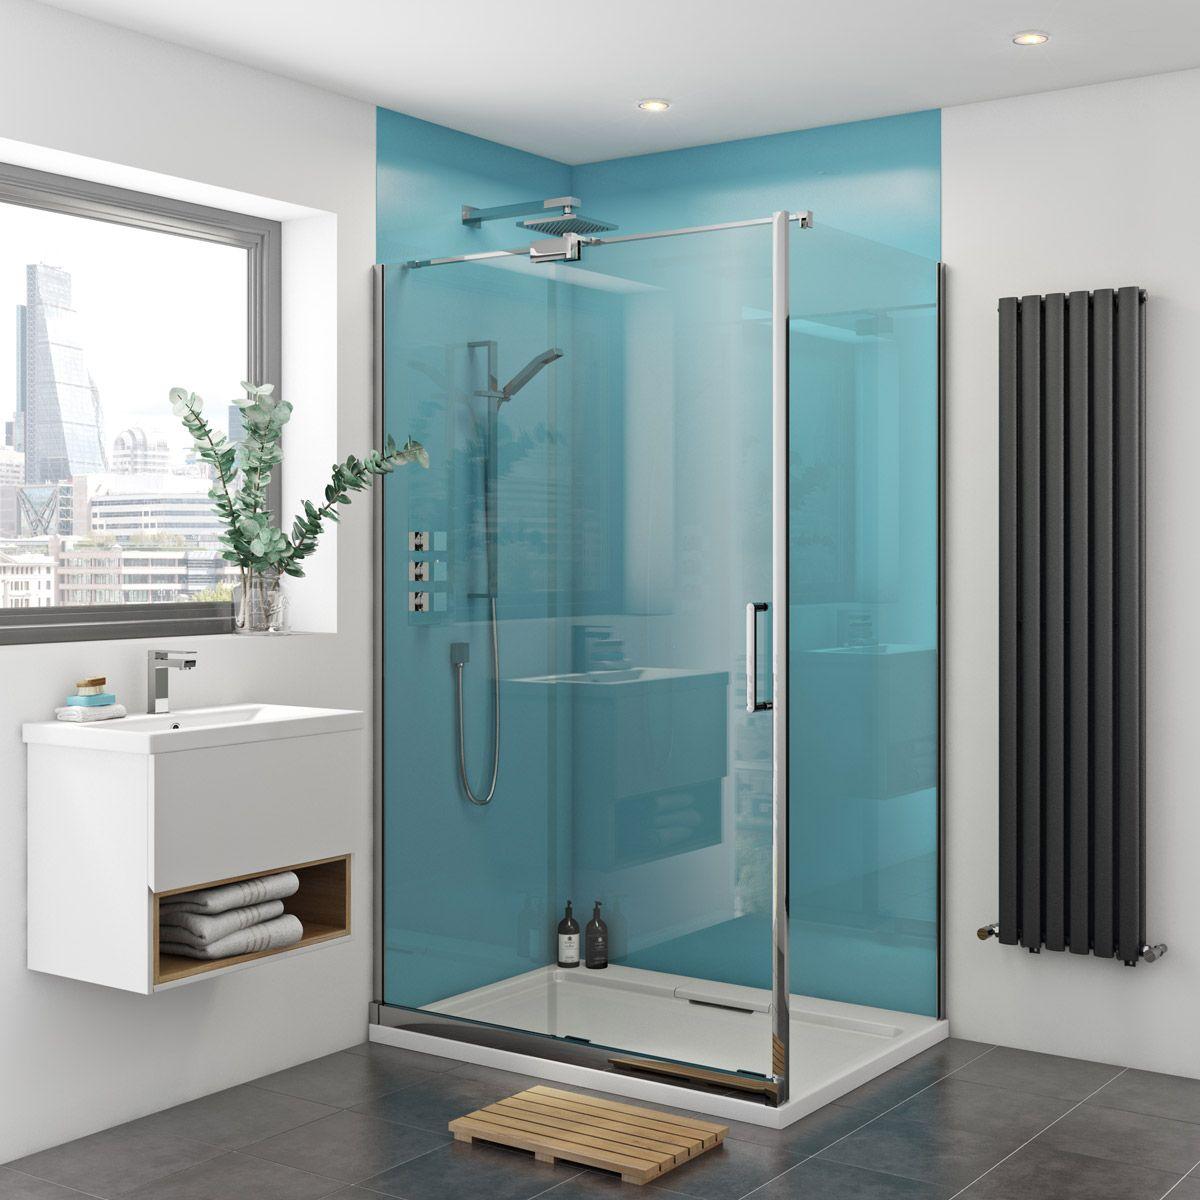 Zenolite plus water acrylic shower wall panel 2440 x 1220 in 2018 ...